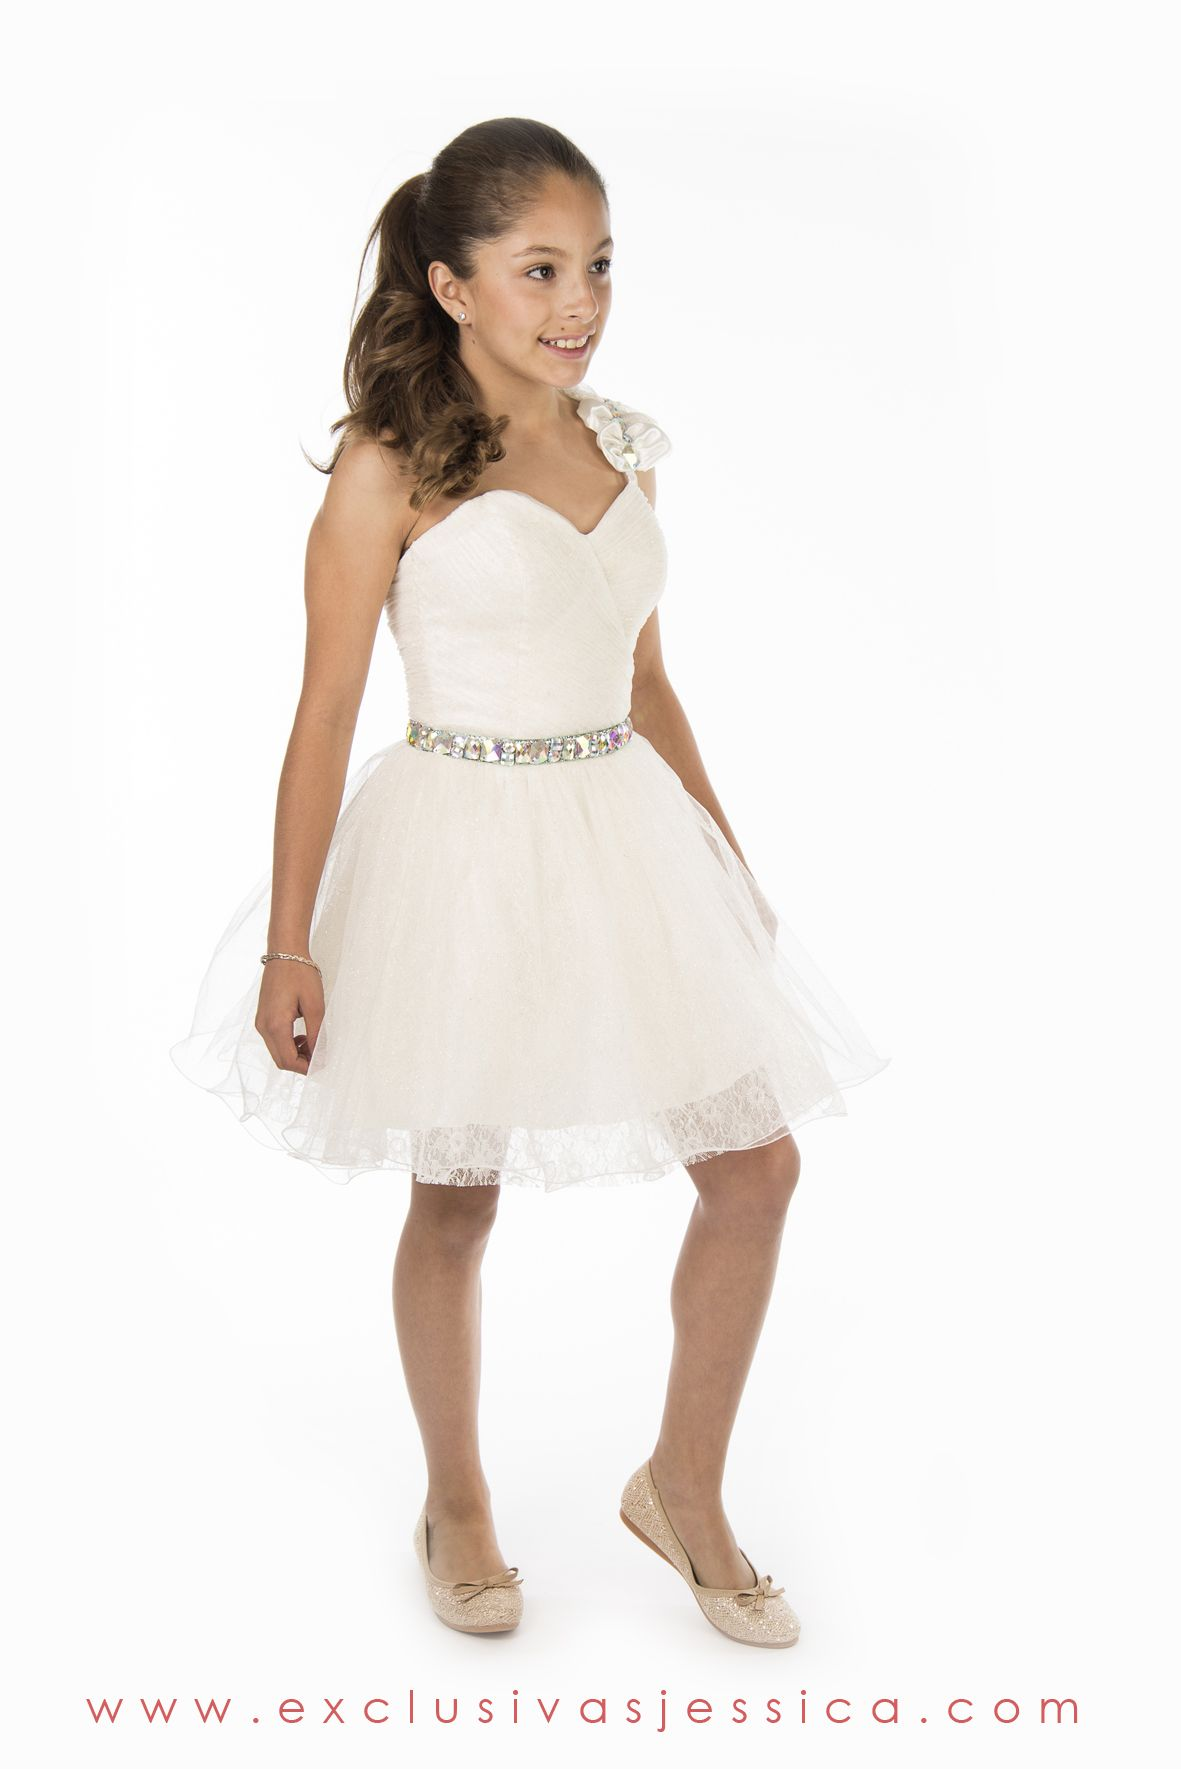 dd07891a1c Jessica Vestidos  fiesta  gala  moda  drees  vestidos  juniors  graduación   graduaciones  mexico  DF  15Años  fifteen  graduation  ropa  cool  vestido  ...